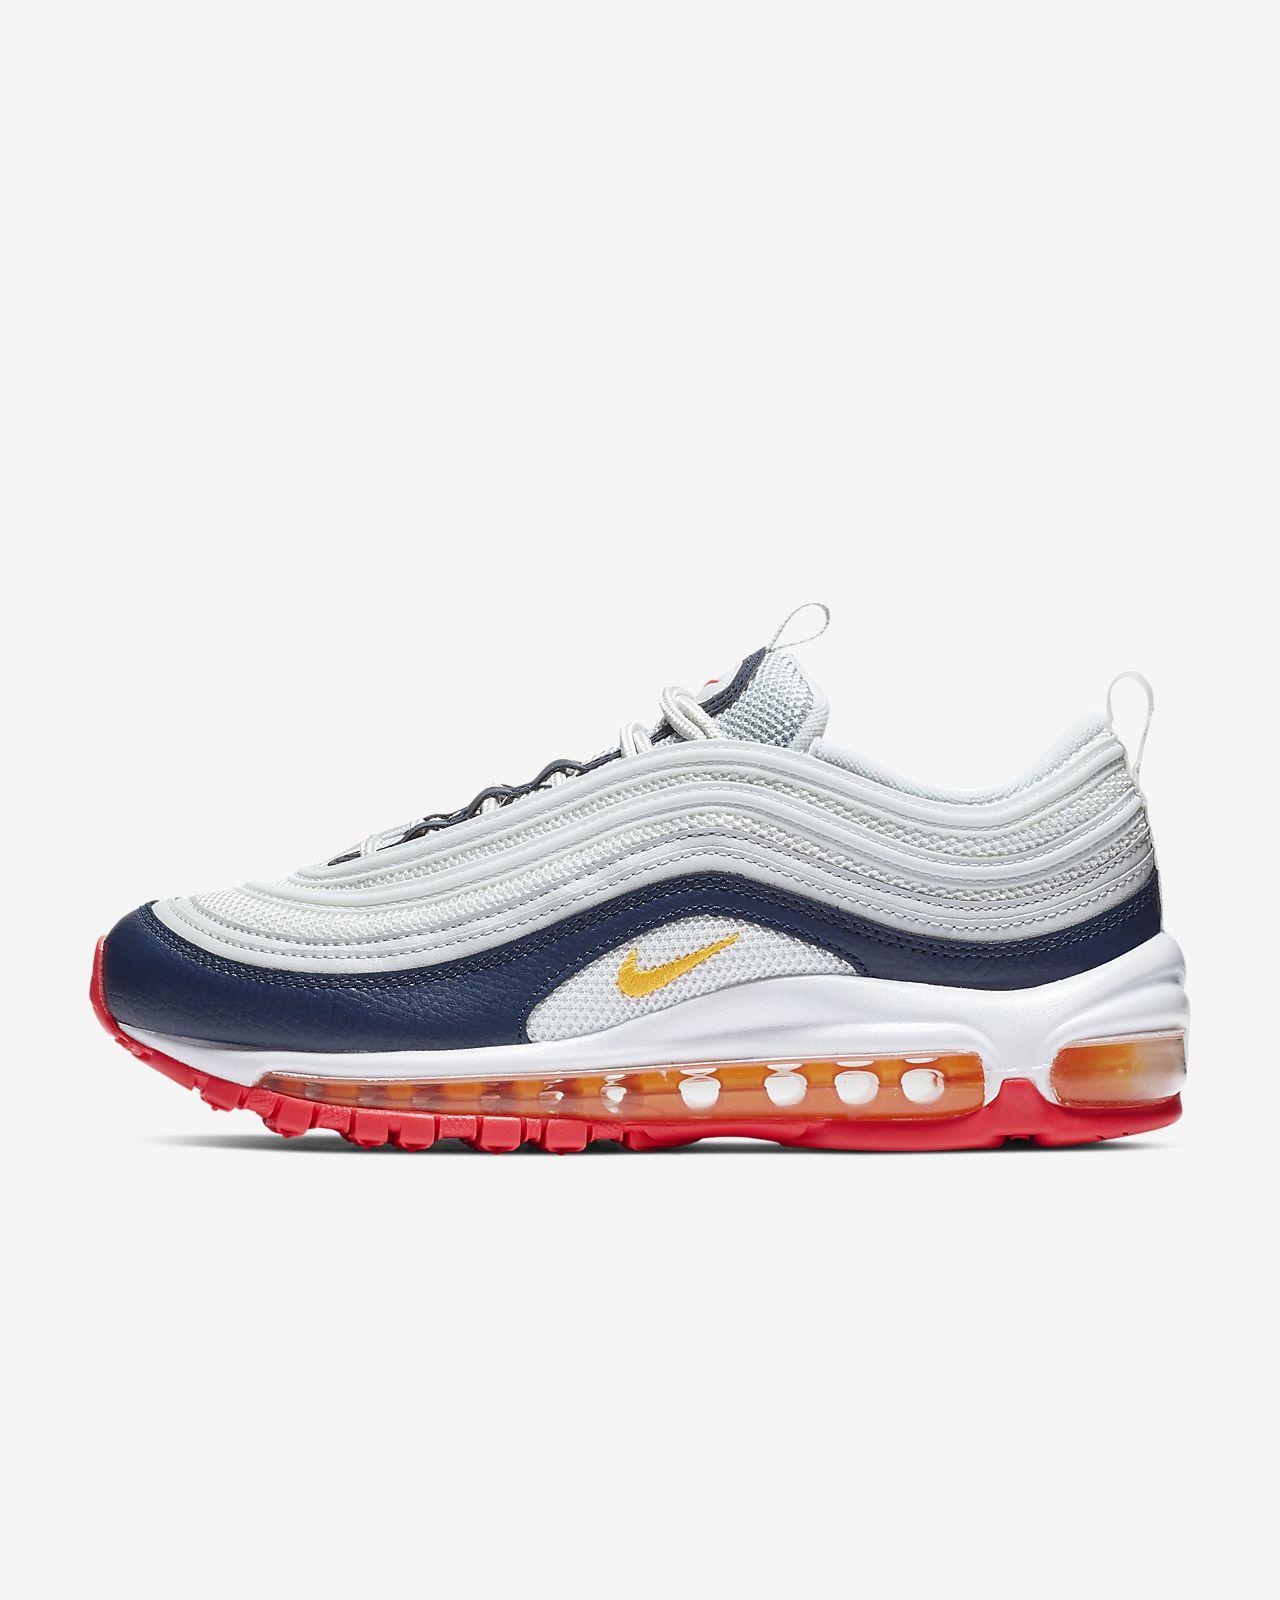 online store cbd87 968b7 ... Chaussure Nike Air Max 97 Premium pour Femme